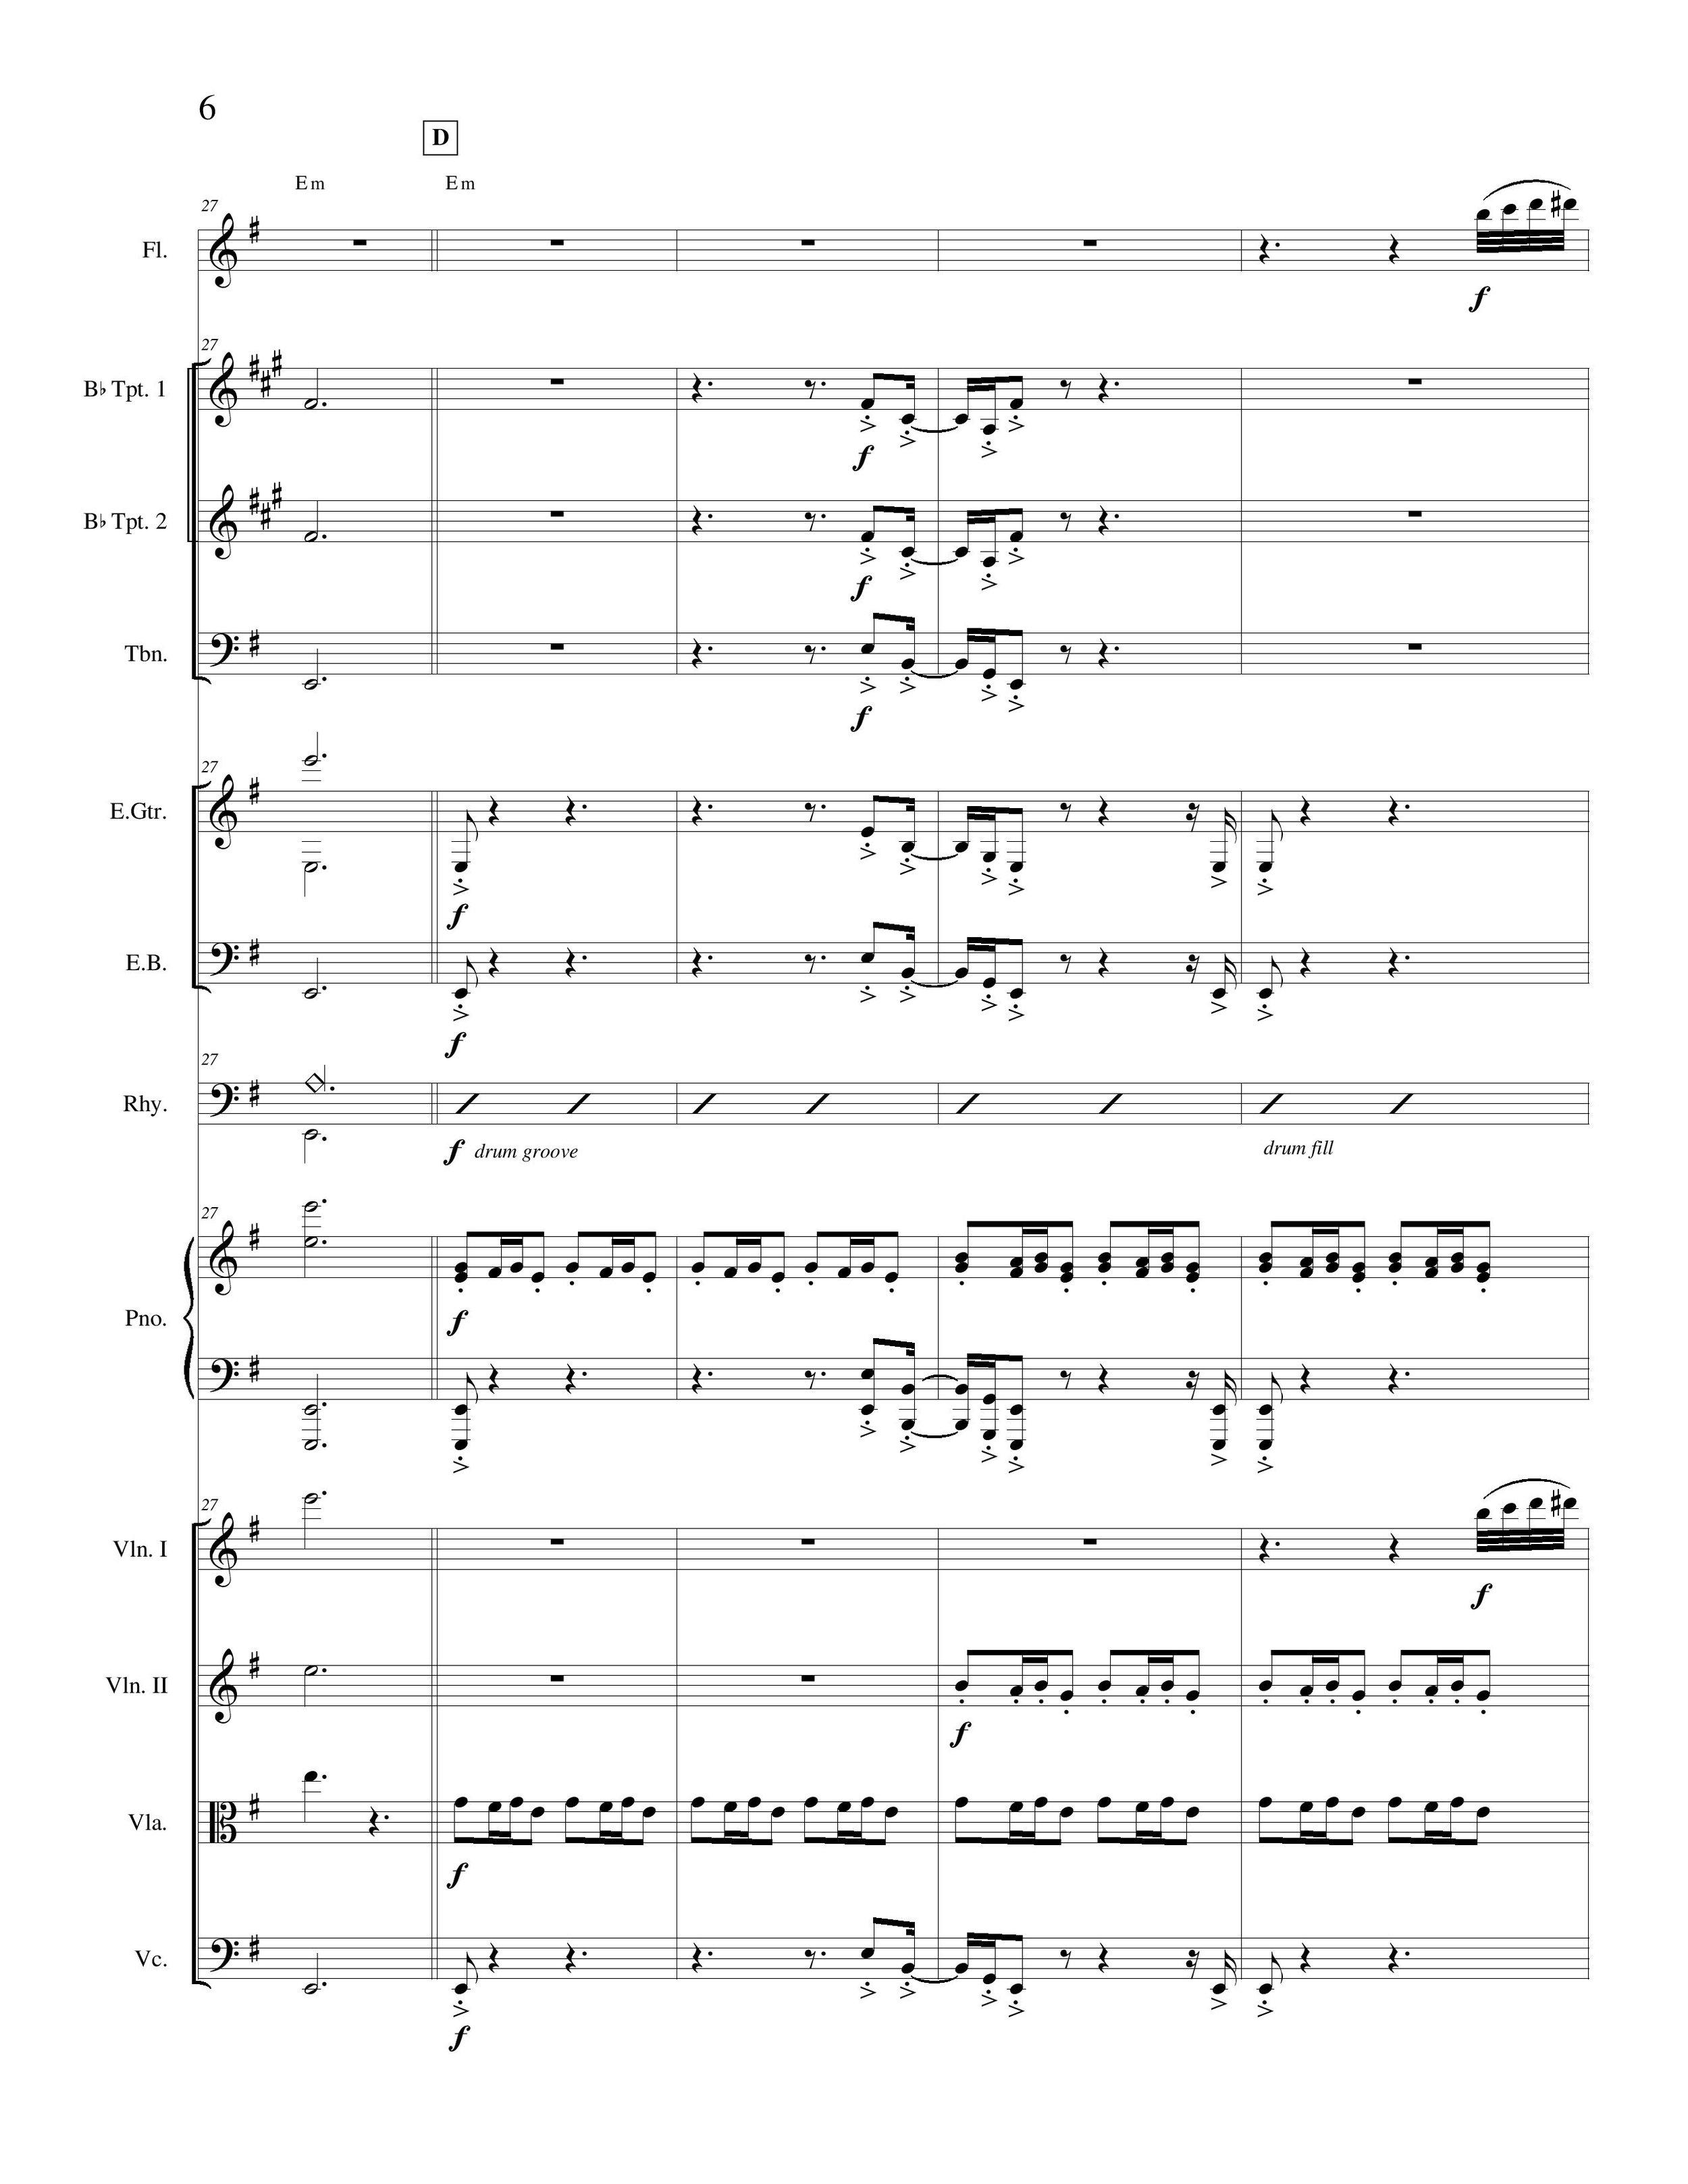 Christmas Overture - Score_06.jpg